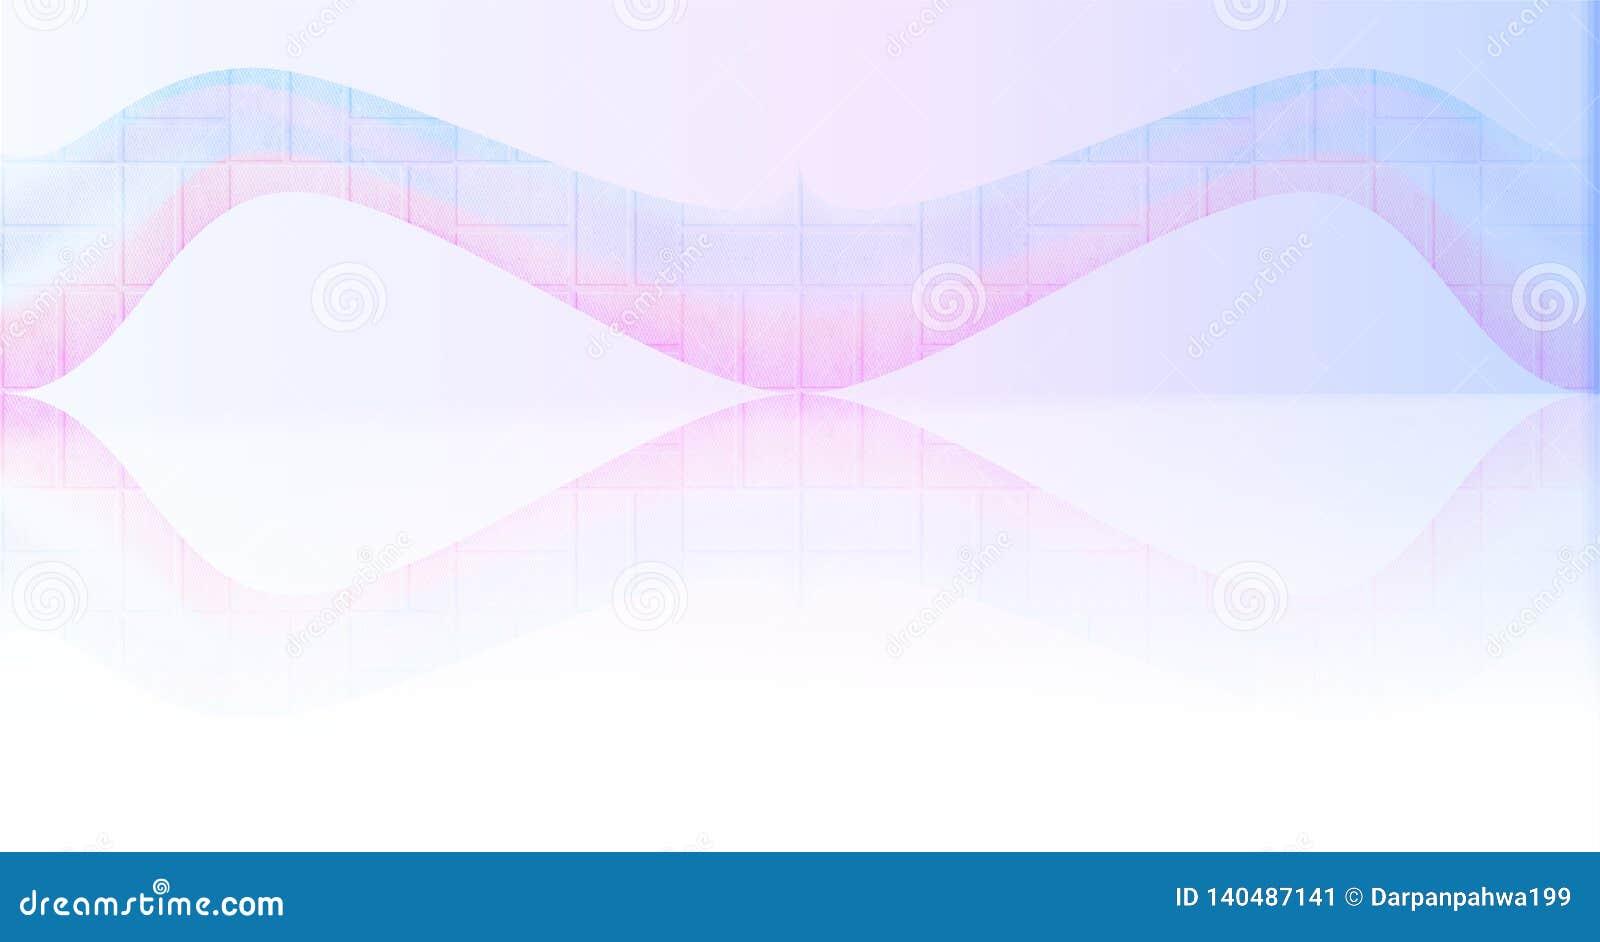 Fundo abstrato da textura do vetor com efeito de vidro 013